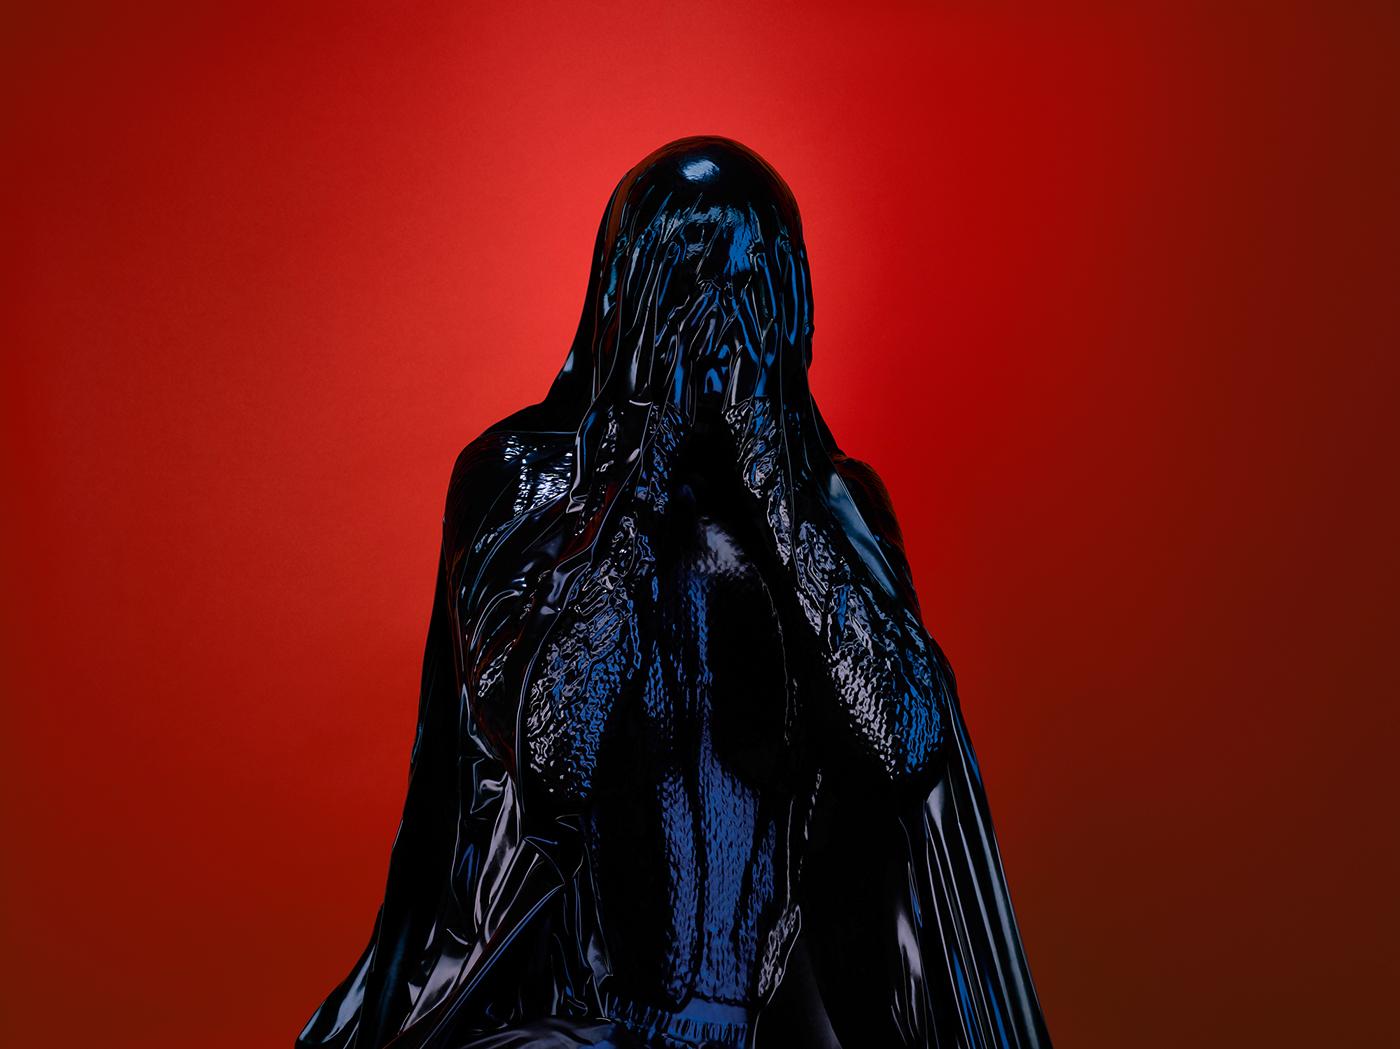 rise,palast,uncertain times,vivid colours,black,violent,SkinDeep